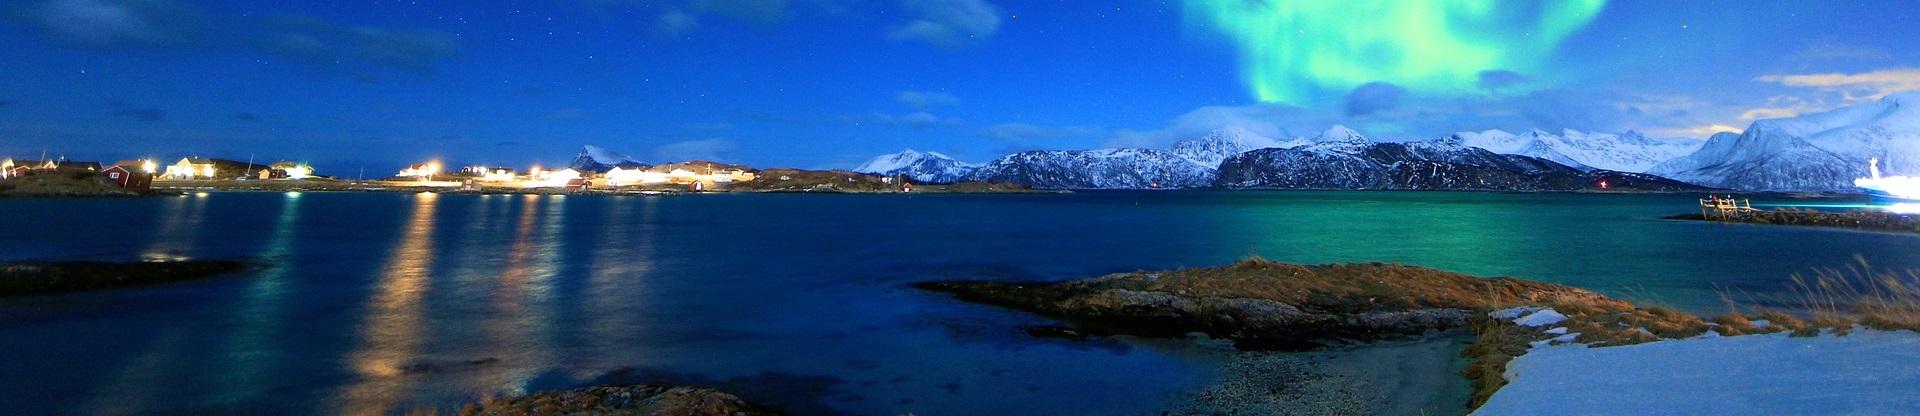 Vinterkall kväll med norrsken över insjö. I horisonten syns en fiskeby till vänster och en snötäckt bergskedja till höger..